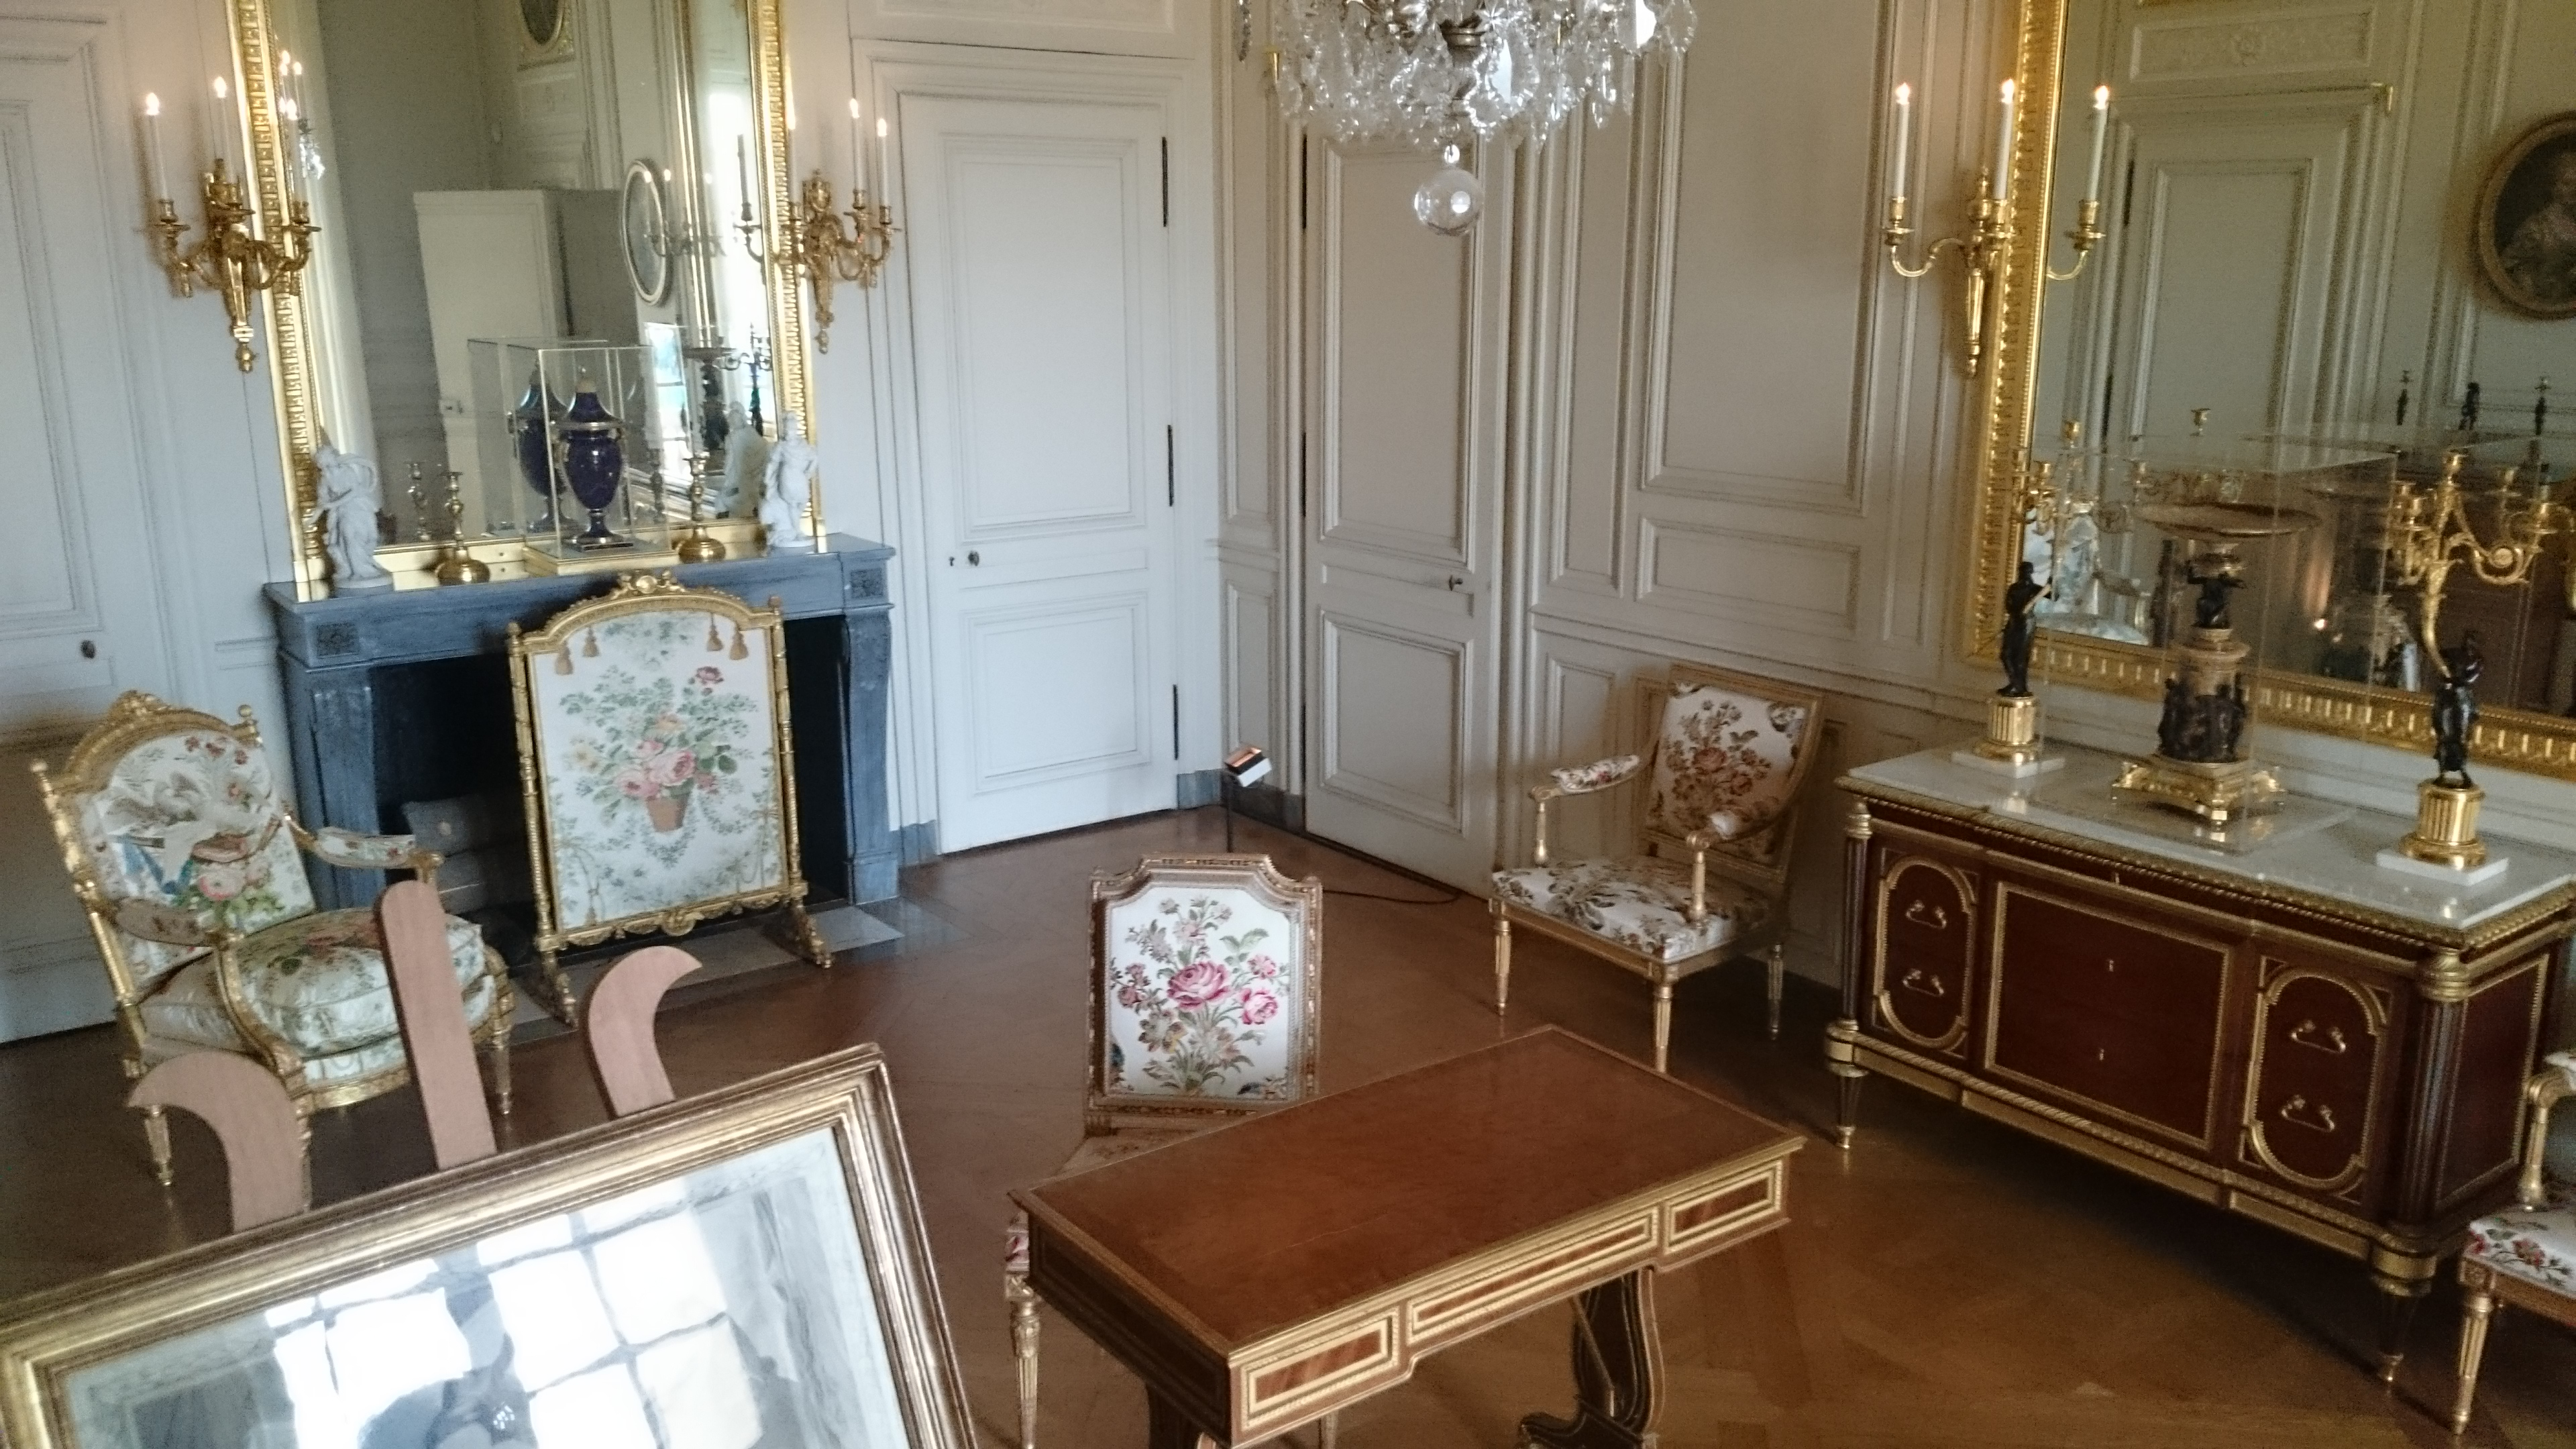 dsc 14251 - Visita al Palacio de Versalles: Como ir, cuanto cuesta y tips III/III